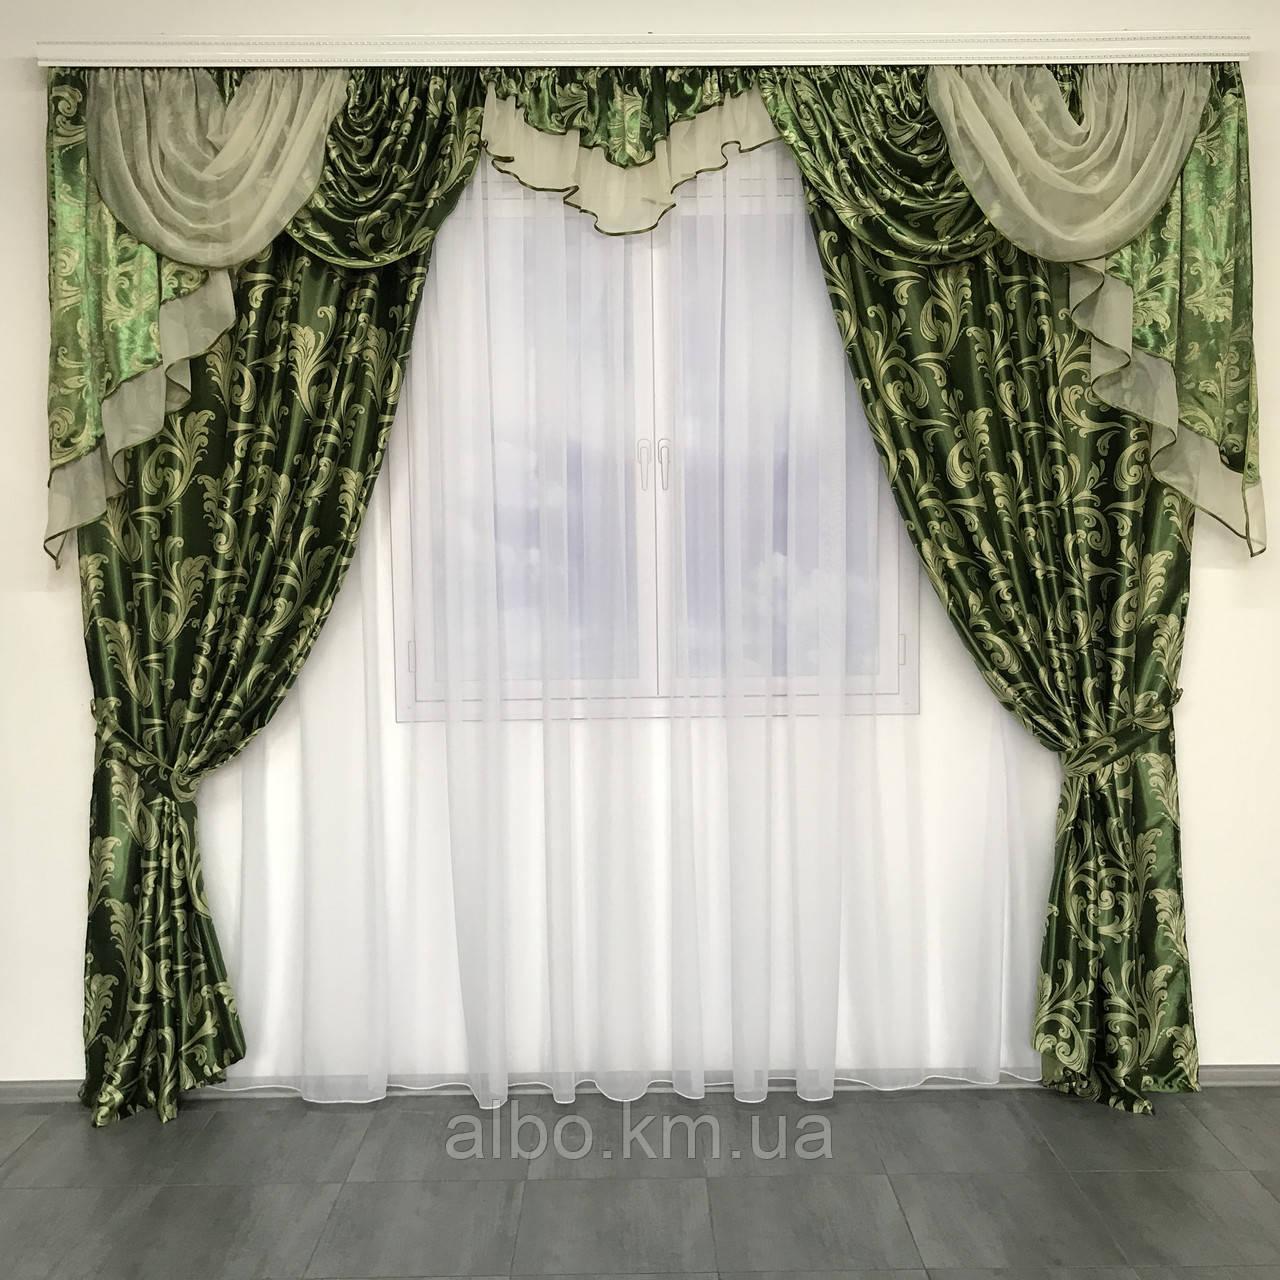 Шторы для зала блекаут 150х270 cm (2 шт) с ламбрекеном ALBO Зеленые (LS-243-15)